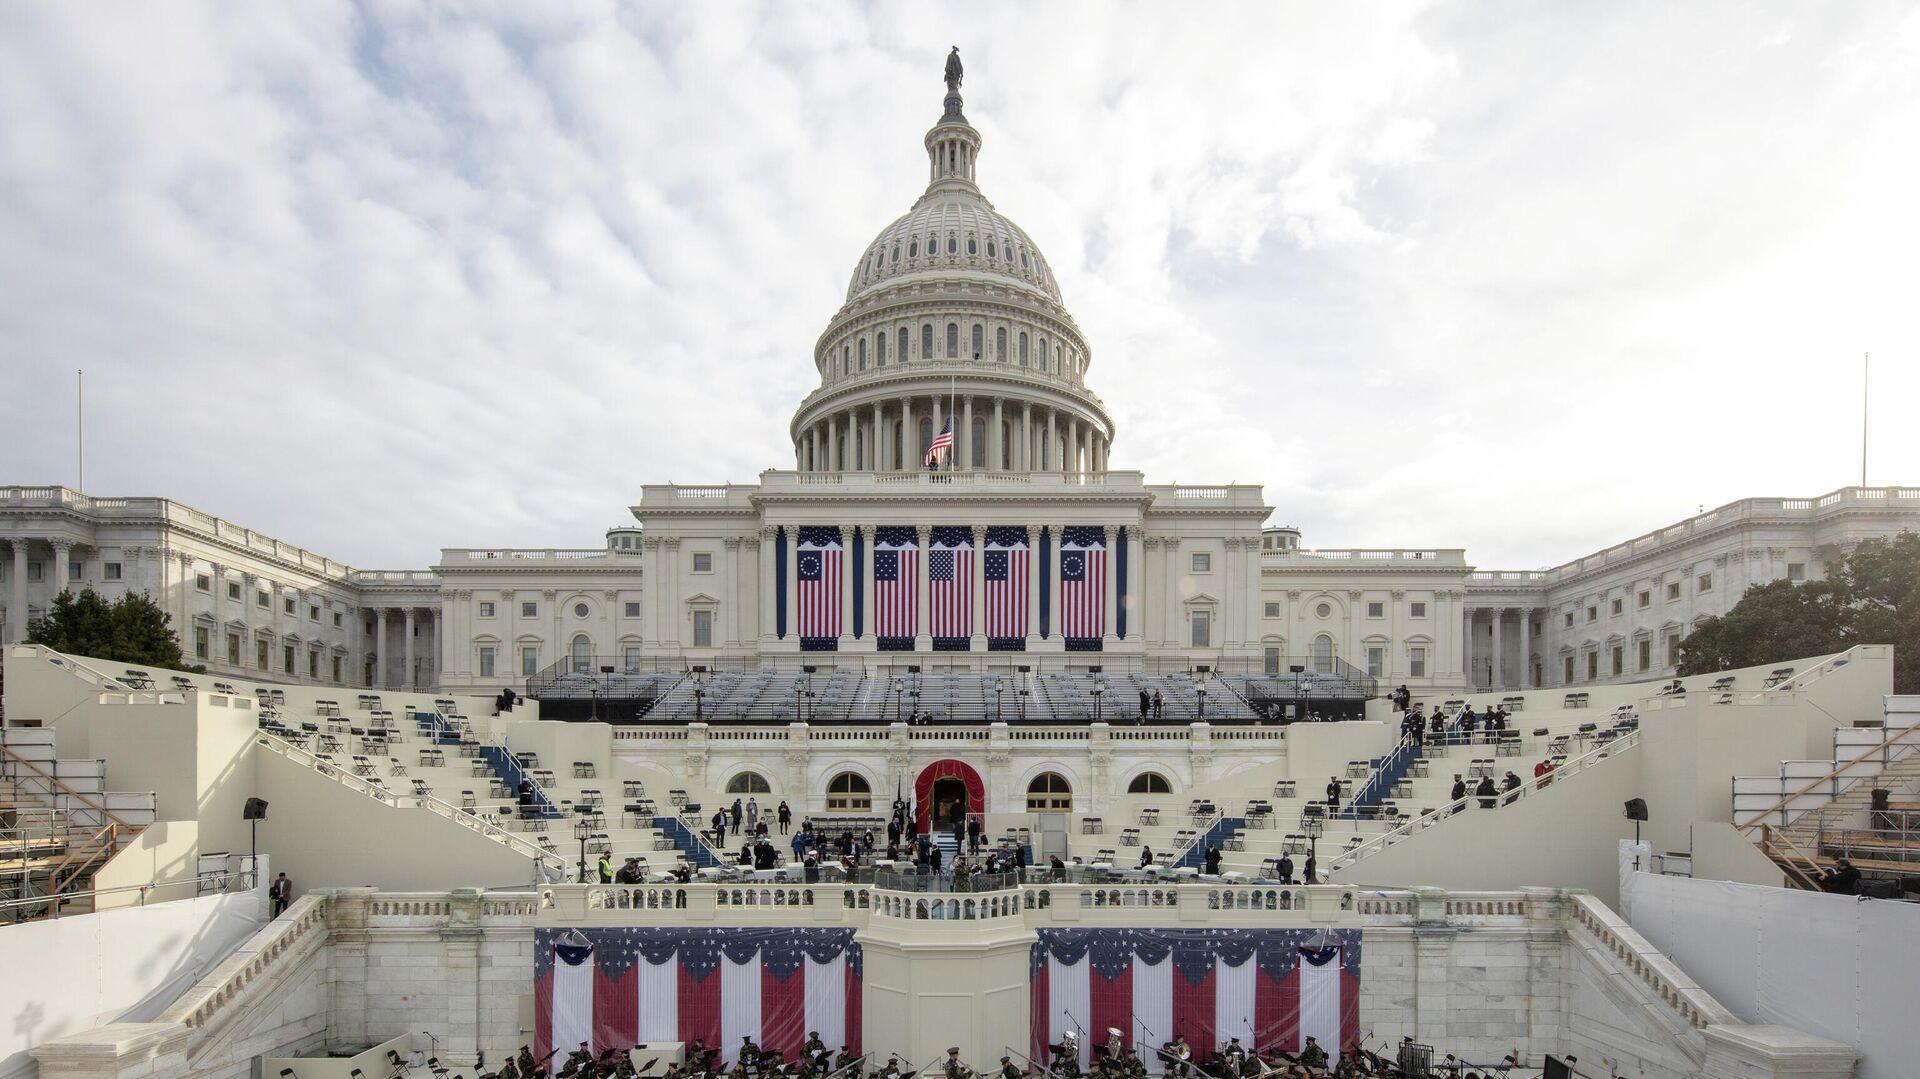 Подготовка к генеральной репетиции инаугурации избранного президента США Джо Байдена в Вашингтоне, округ Колумбия - РИА Новости, 1920, 04.02.2021